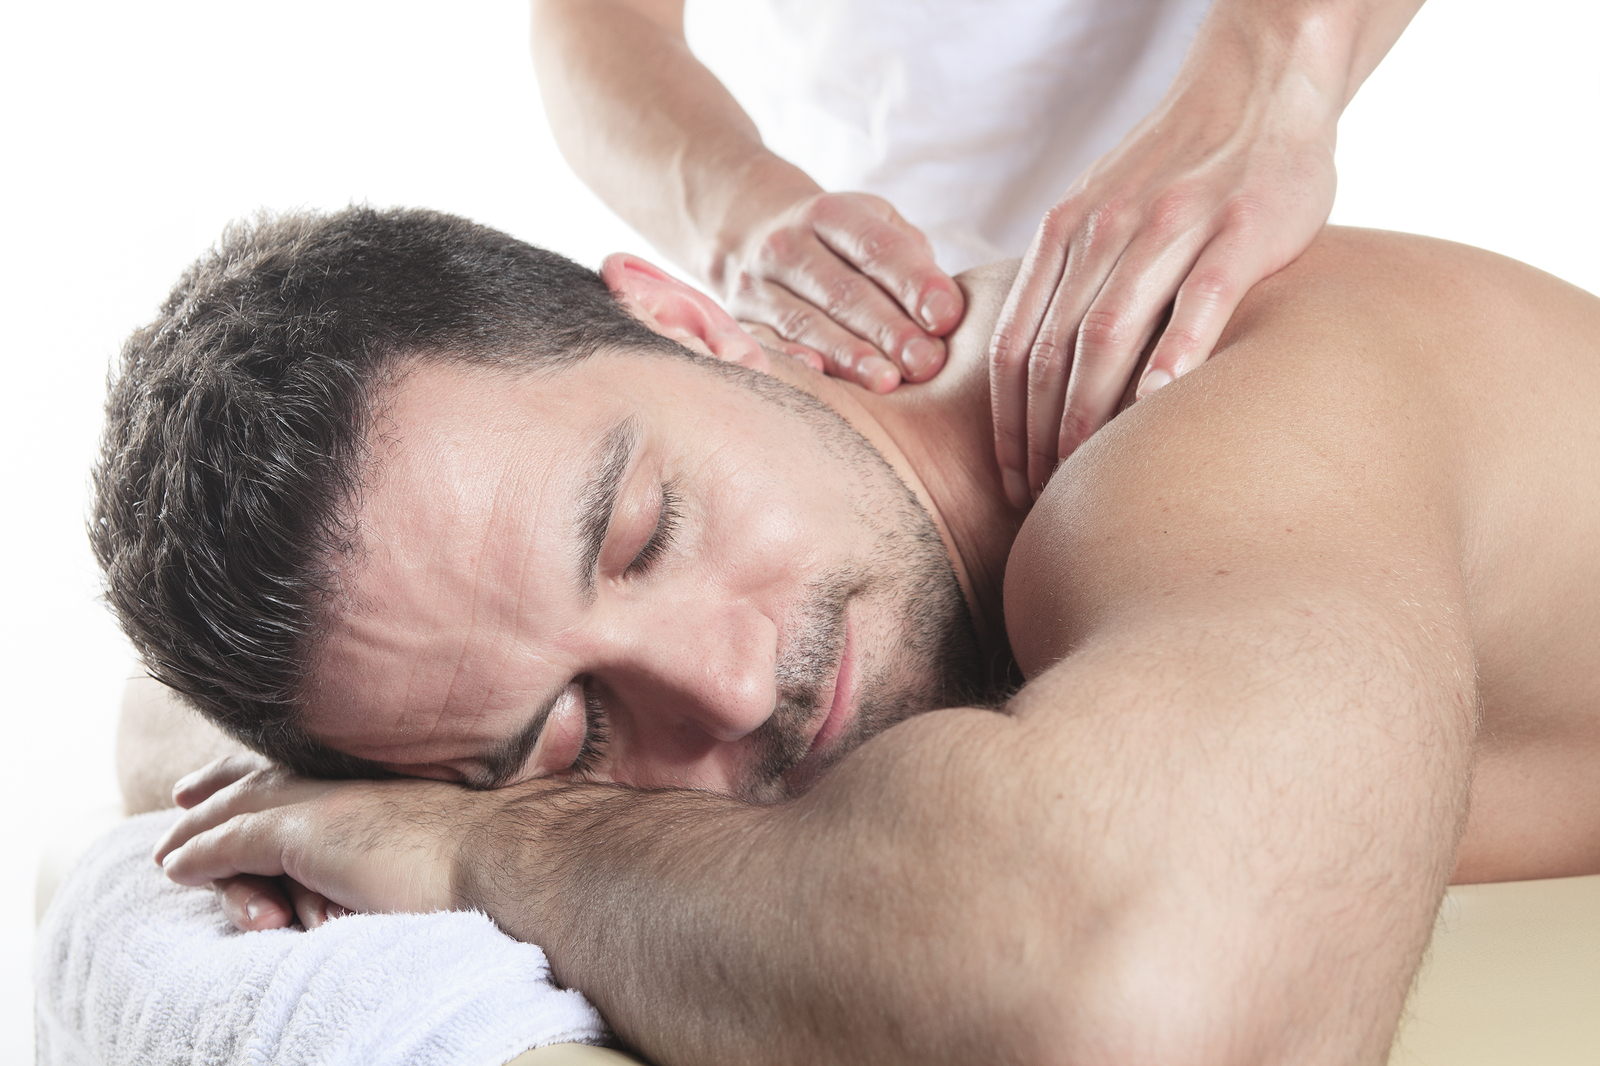 bigstock-Man-receiving-Shiatsu-massage--83366891.jpg